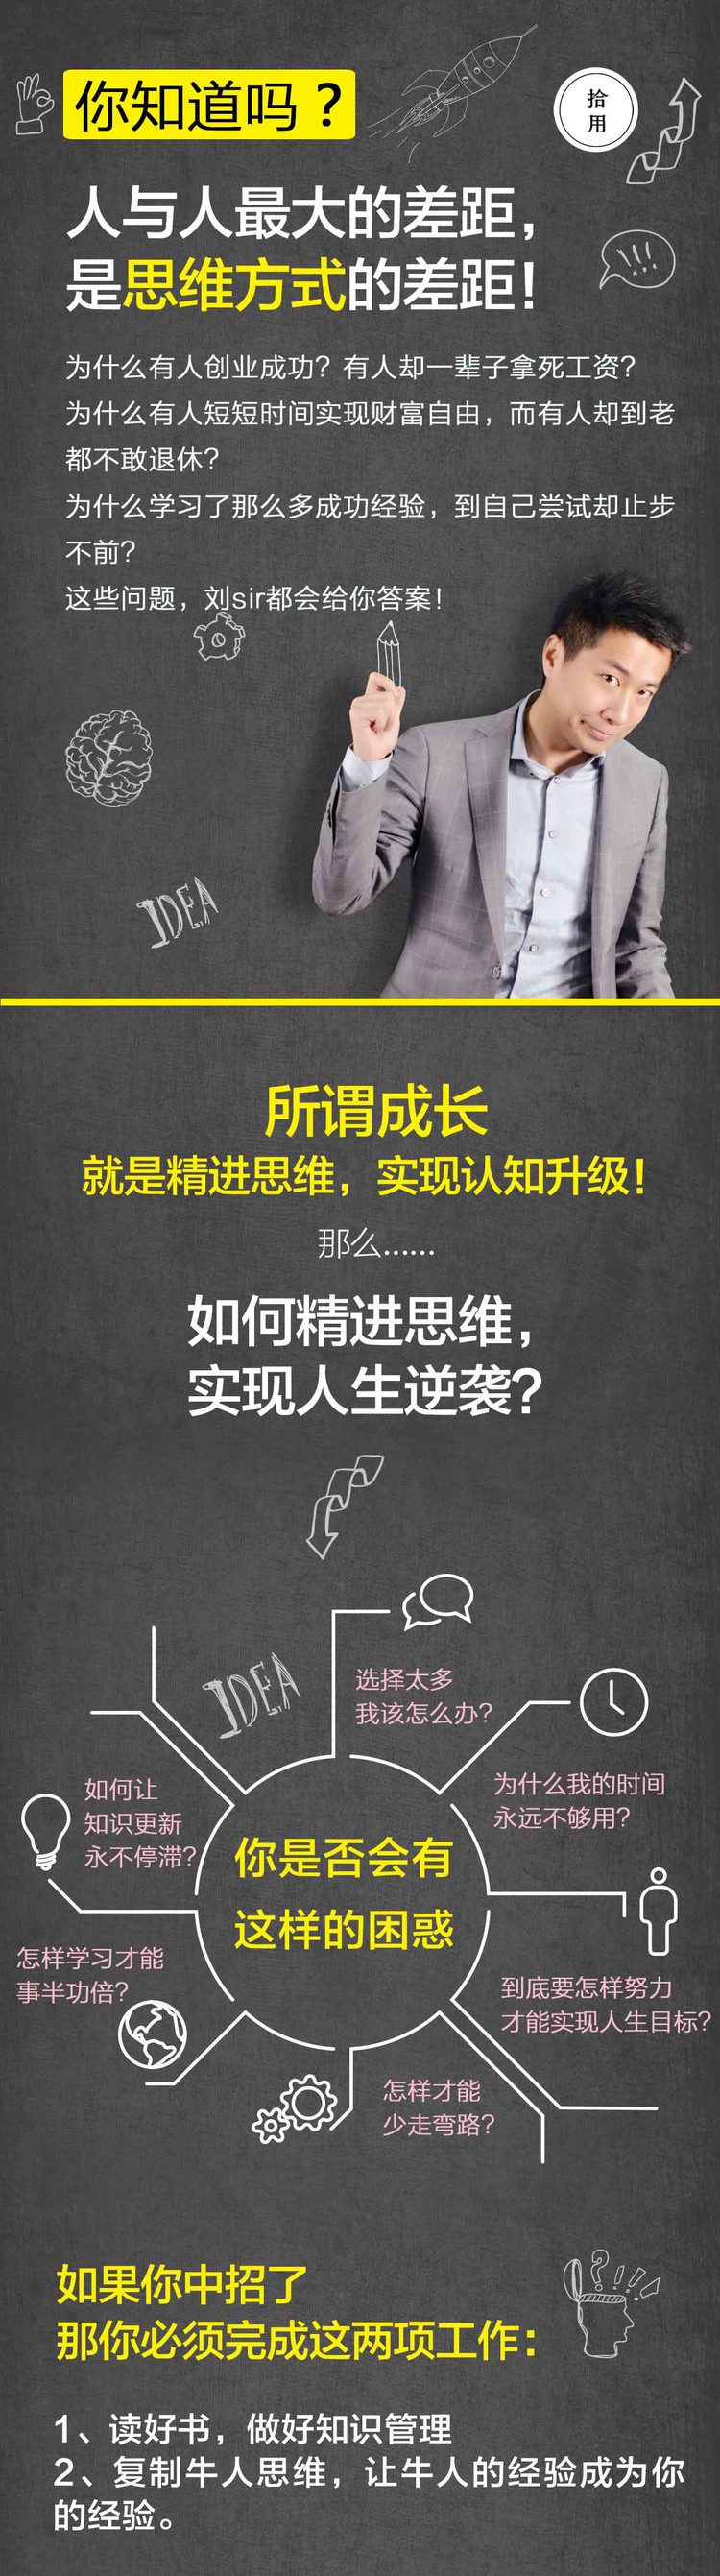 《思维的精进:人生逆袭手册(完结)》(42音频课+问答福利)【课程资源下载】